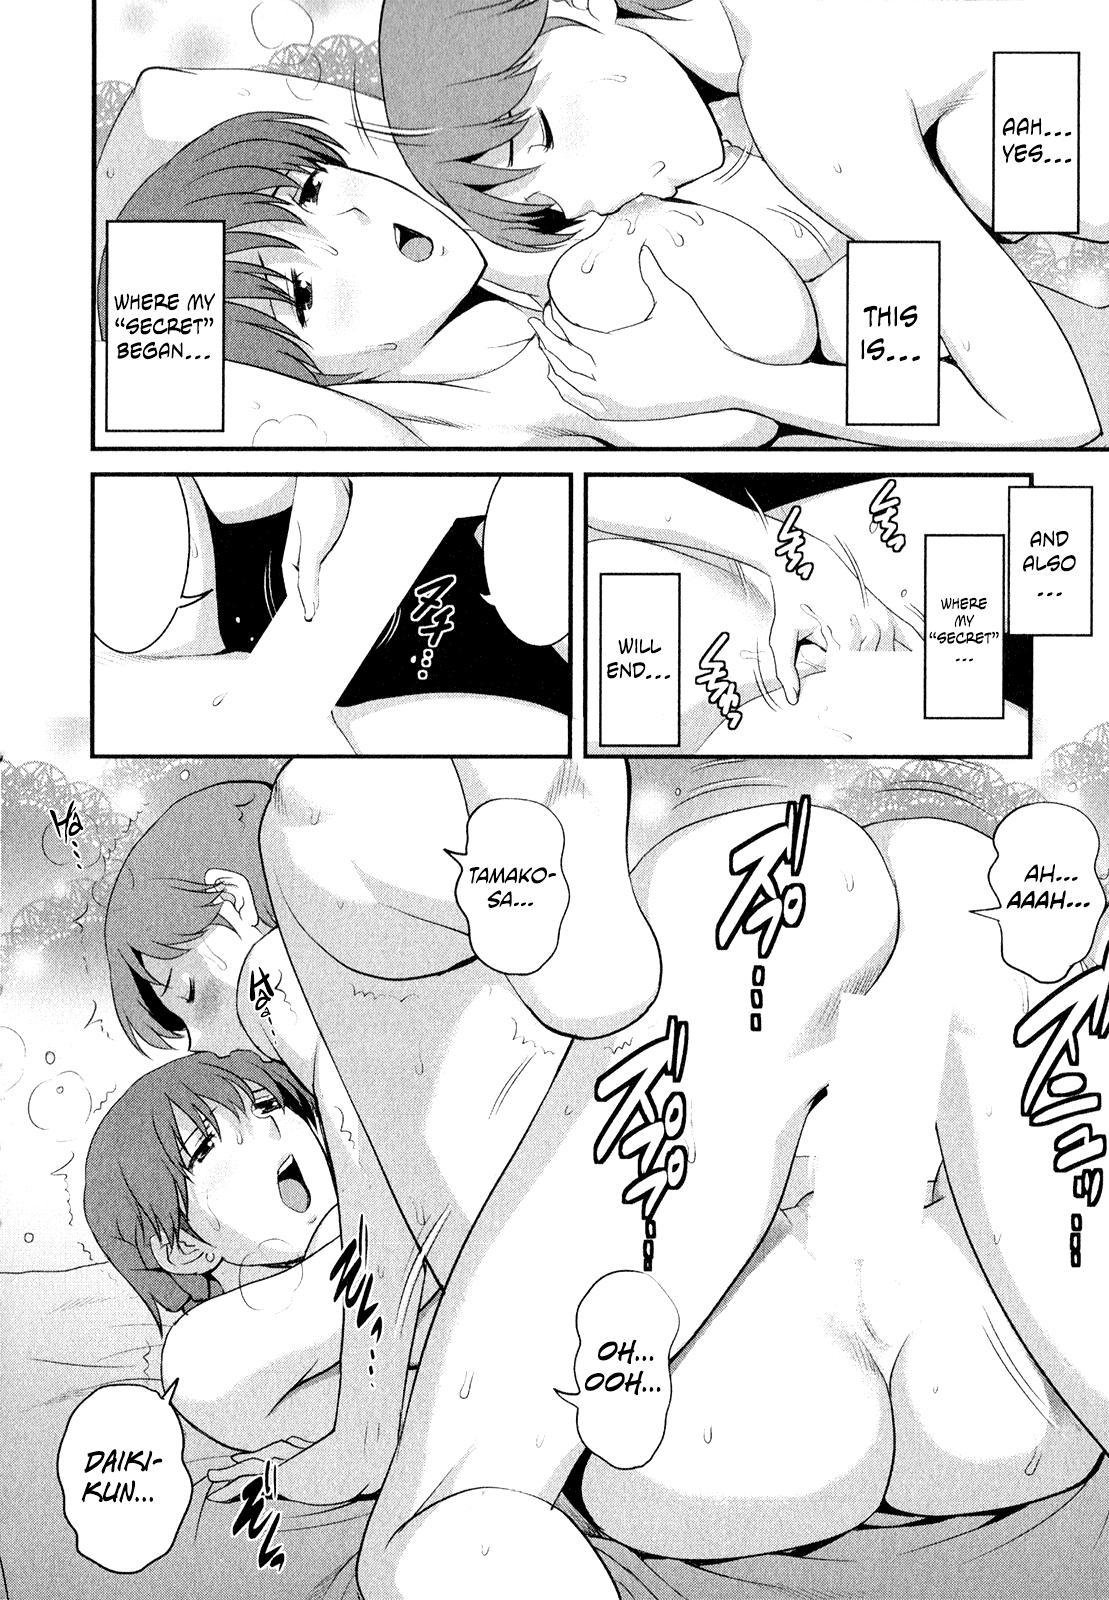 [Saigado] Hitozuma Audrey-san no Himitsu ~30-sai kara no Furyou Tsuma Kouza~ - Vol. 2 [English] {Hennojin} 160